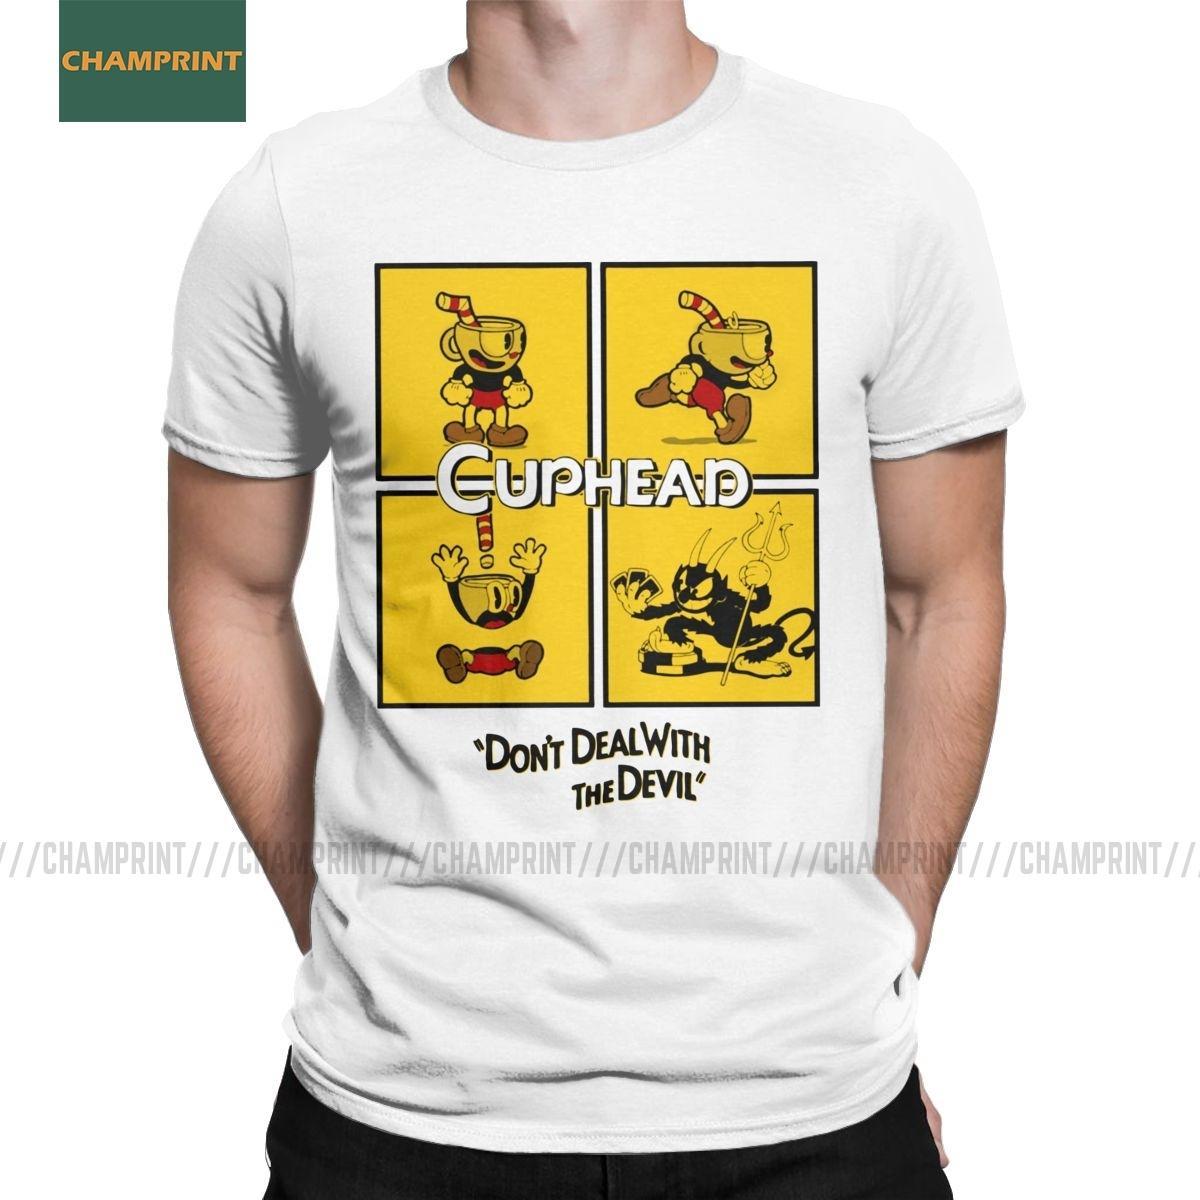 Paneles Cuphead Camisetas de algodón para hombres camisetas divertidas de dibujos animados Animación Gamer Juego Mugman ratón de la taza Camiseta de manga corta Ropa